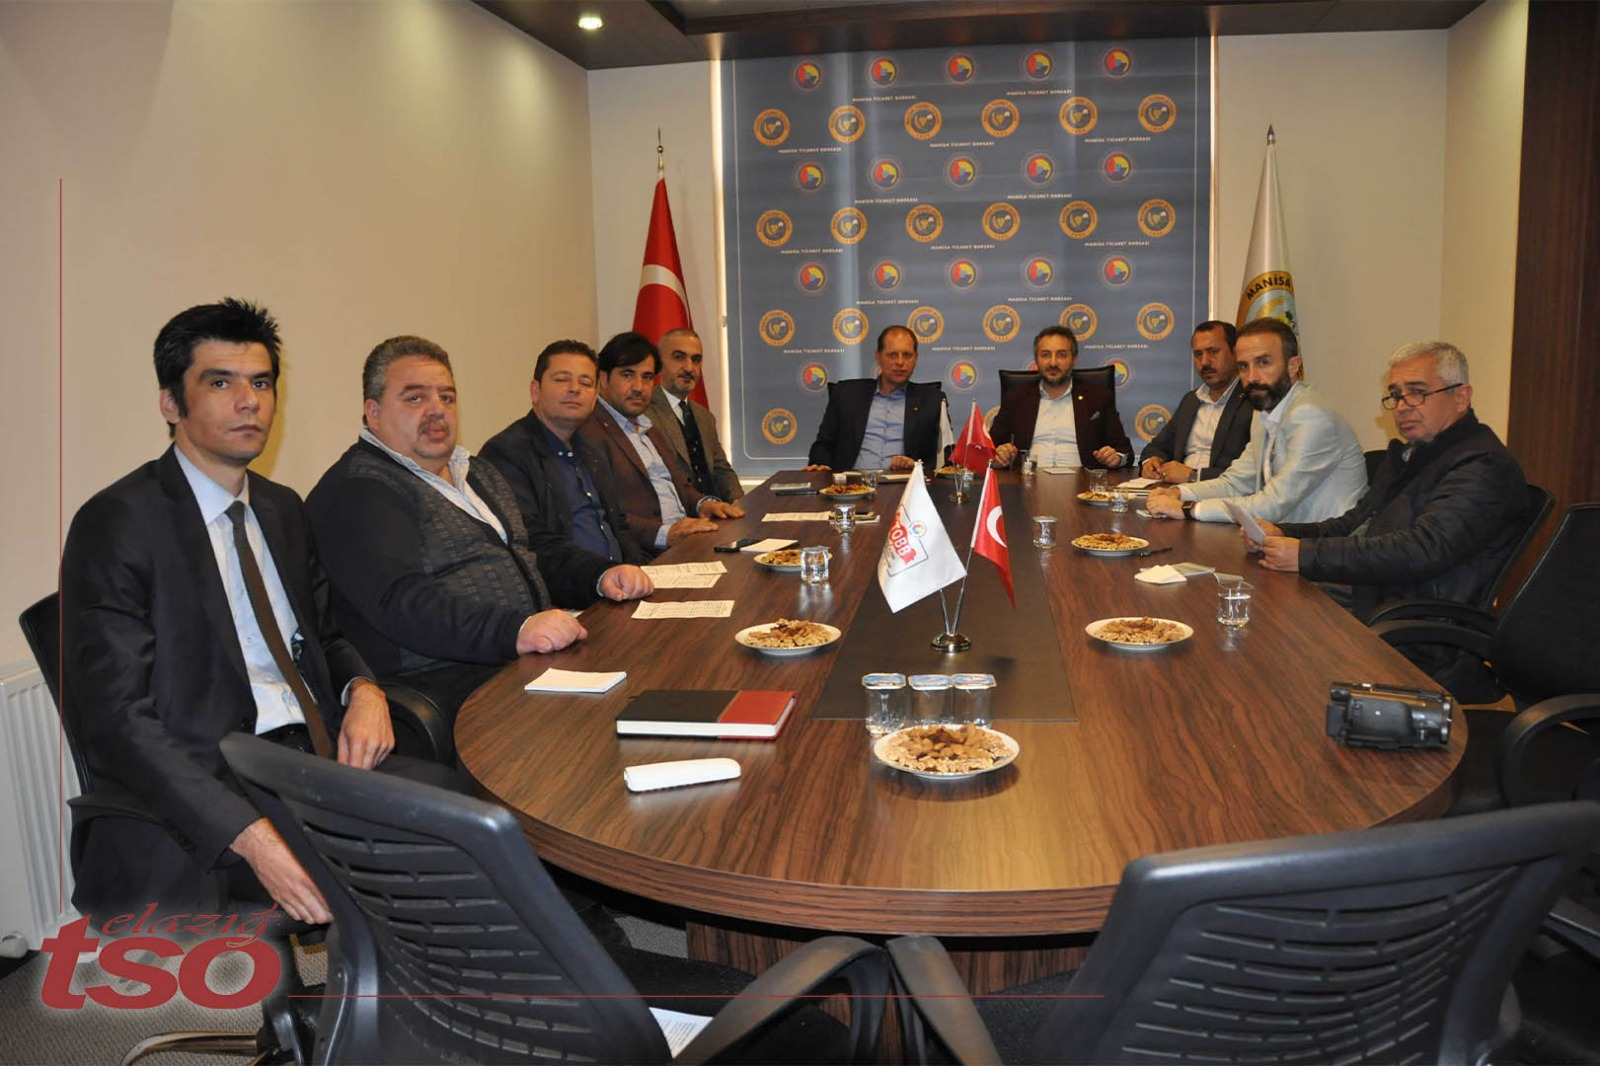 Elazığ TSO Başkanı Arslan Manisa Ticaret Borsası Başkanı Sadık Özkasap ve Manisa TSO' yu Ziyaret Etti.